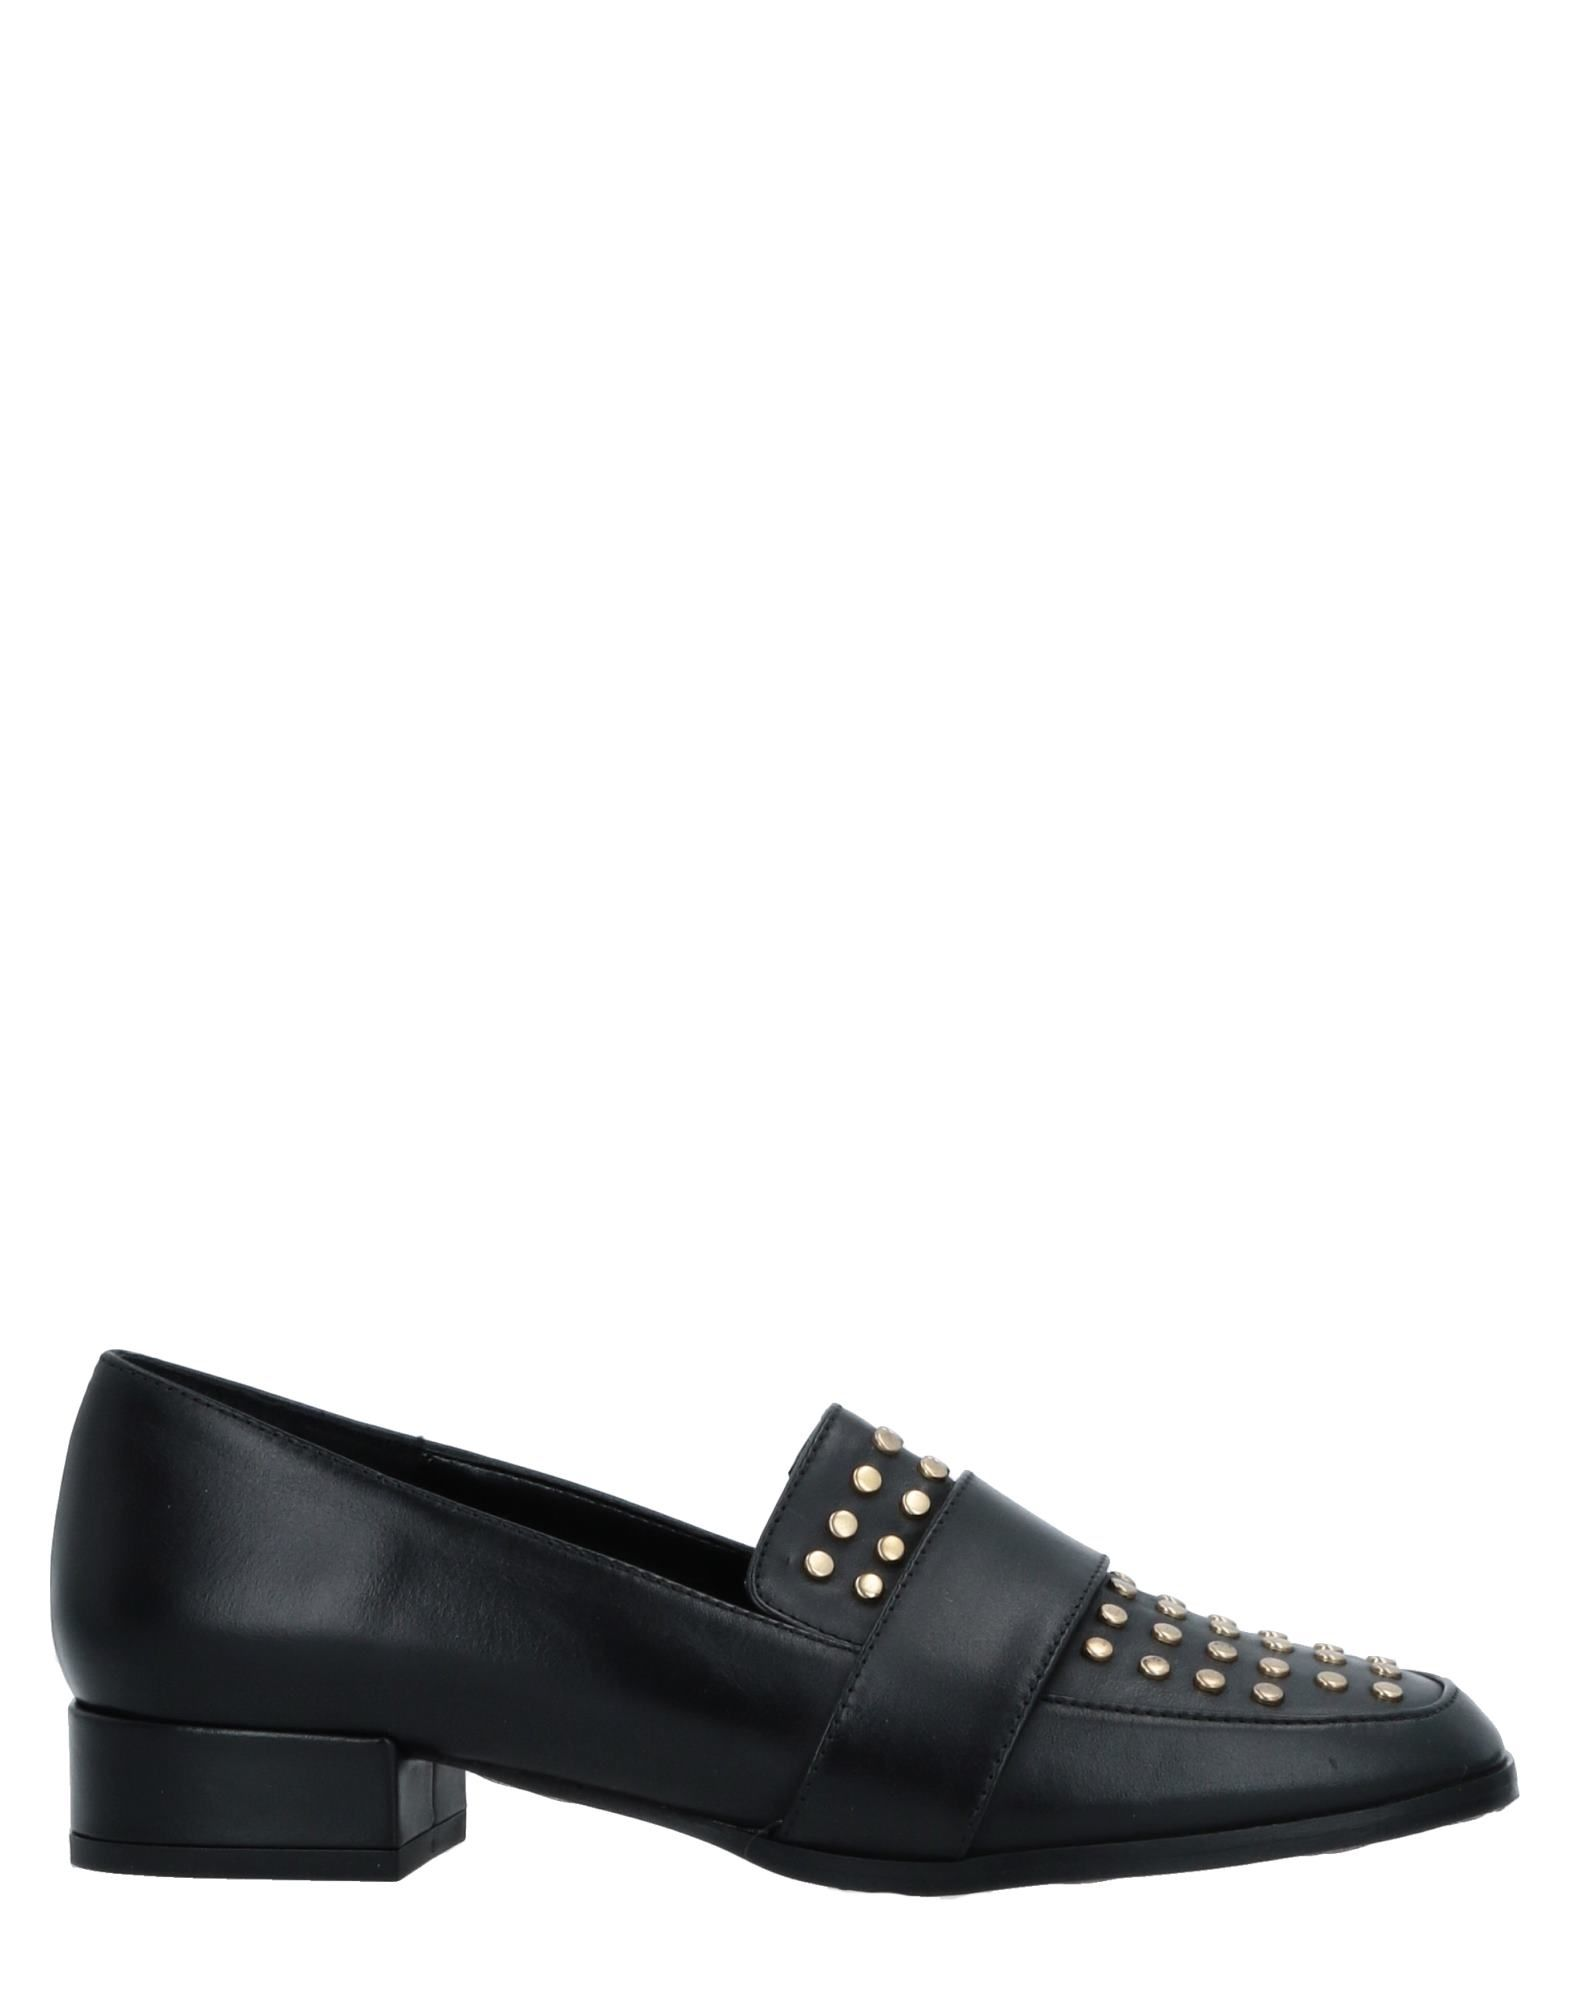 Bagatt Mokassins Damen  11515337UH Gute Qualität beliebte Schuhe